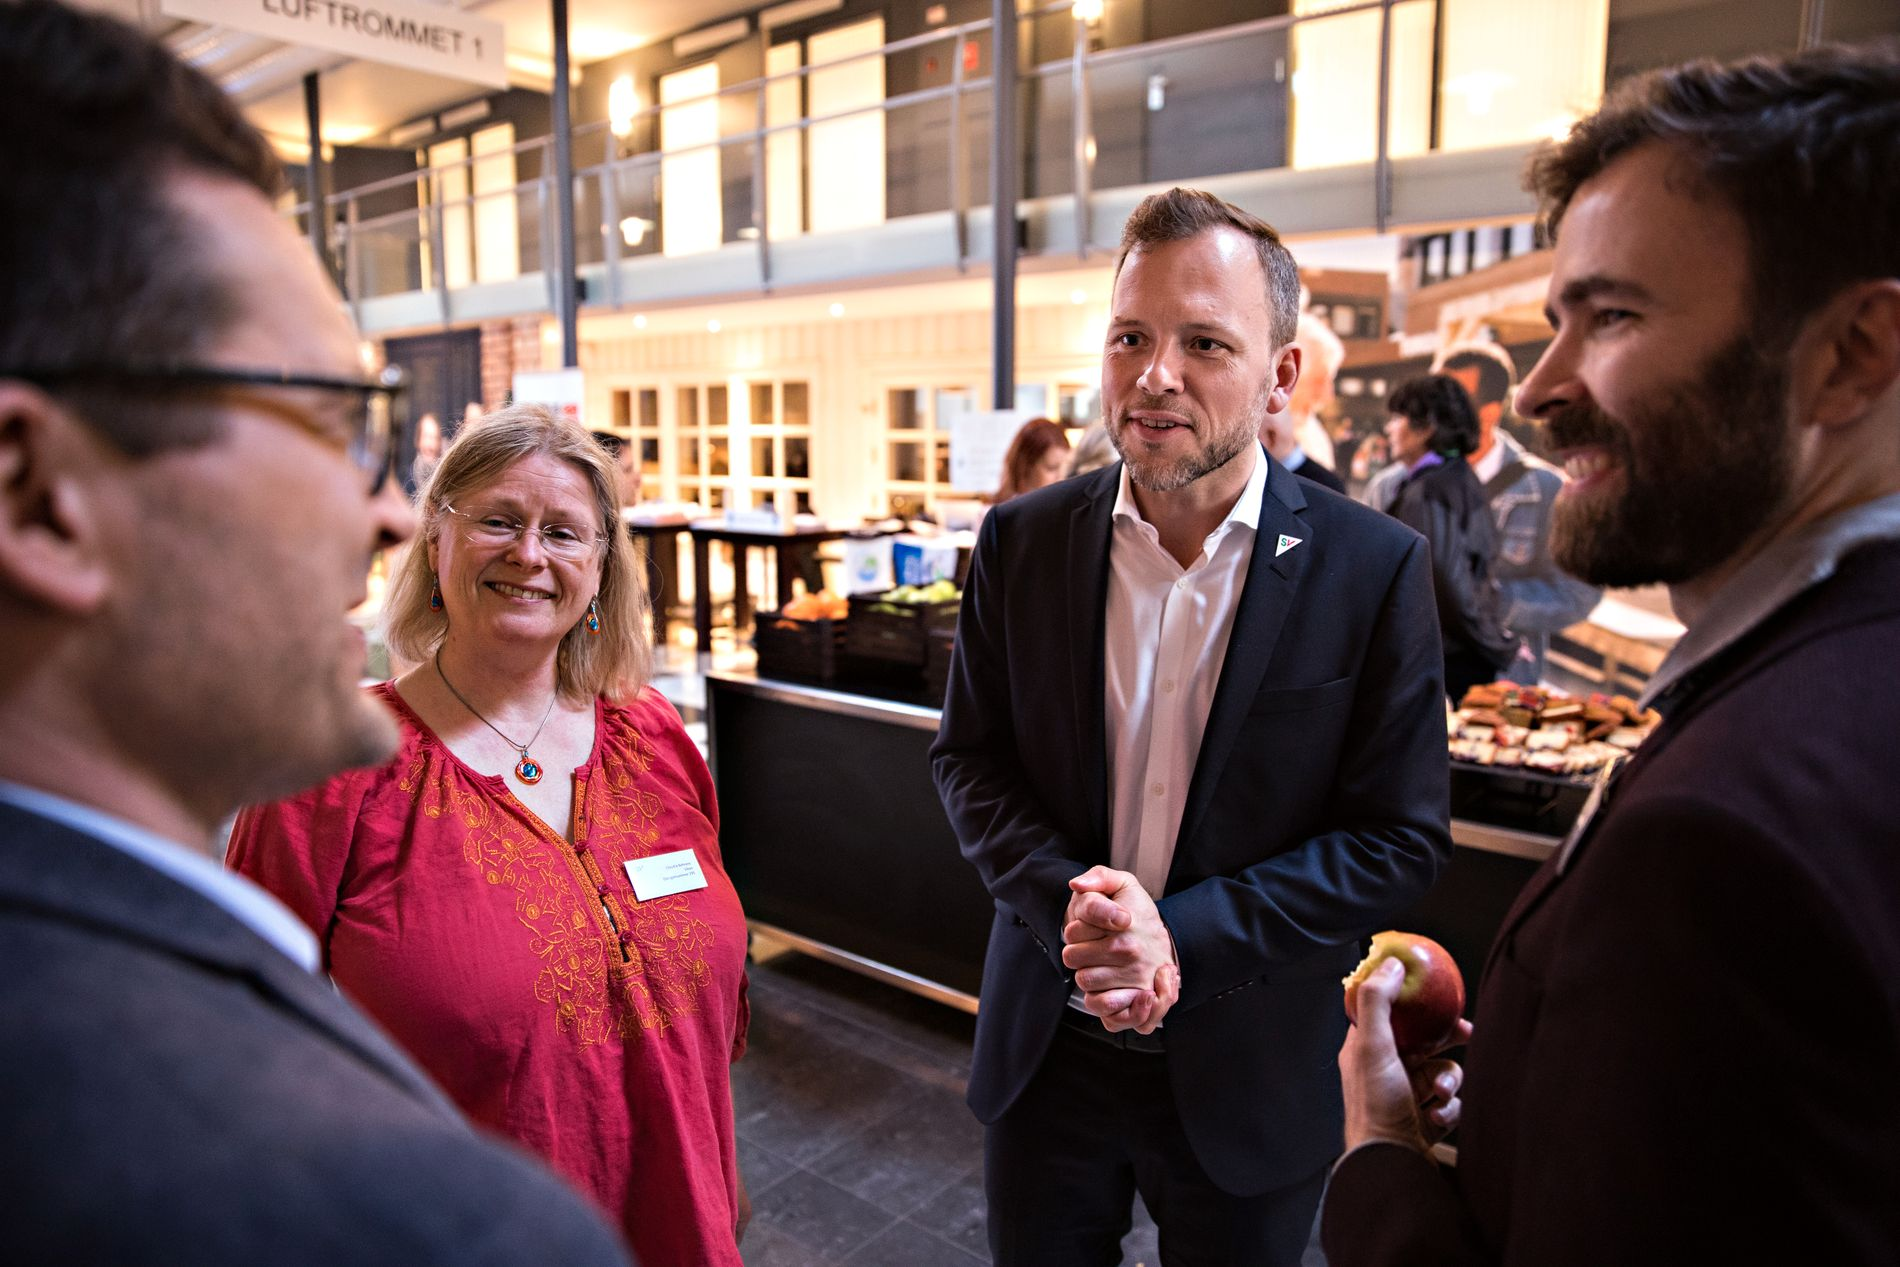 EKSEMPEL: Audun lysbakken trakk frem at flere kommuner burde gjøre som i Oslo og innføre gratis SFO/AKS i sin landsmøtetale.